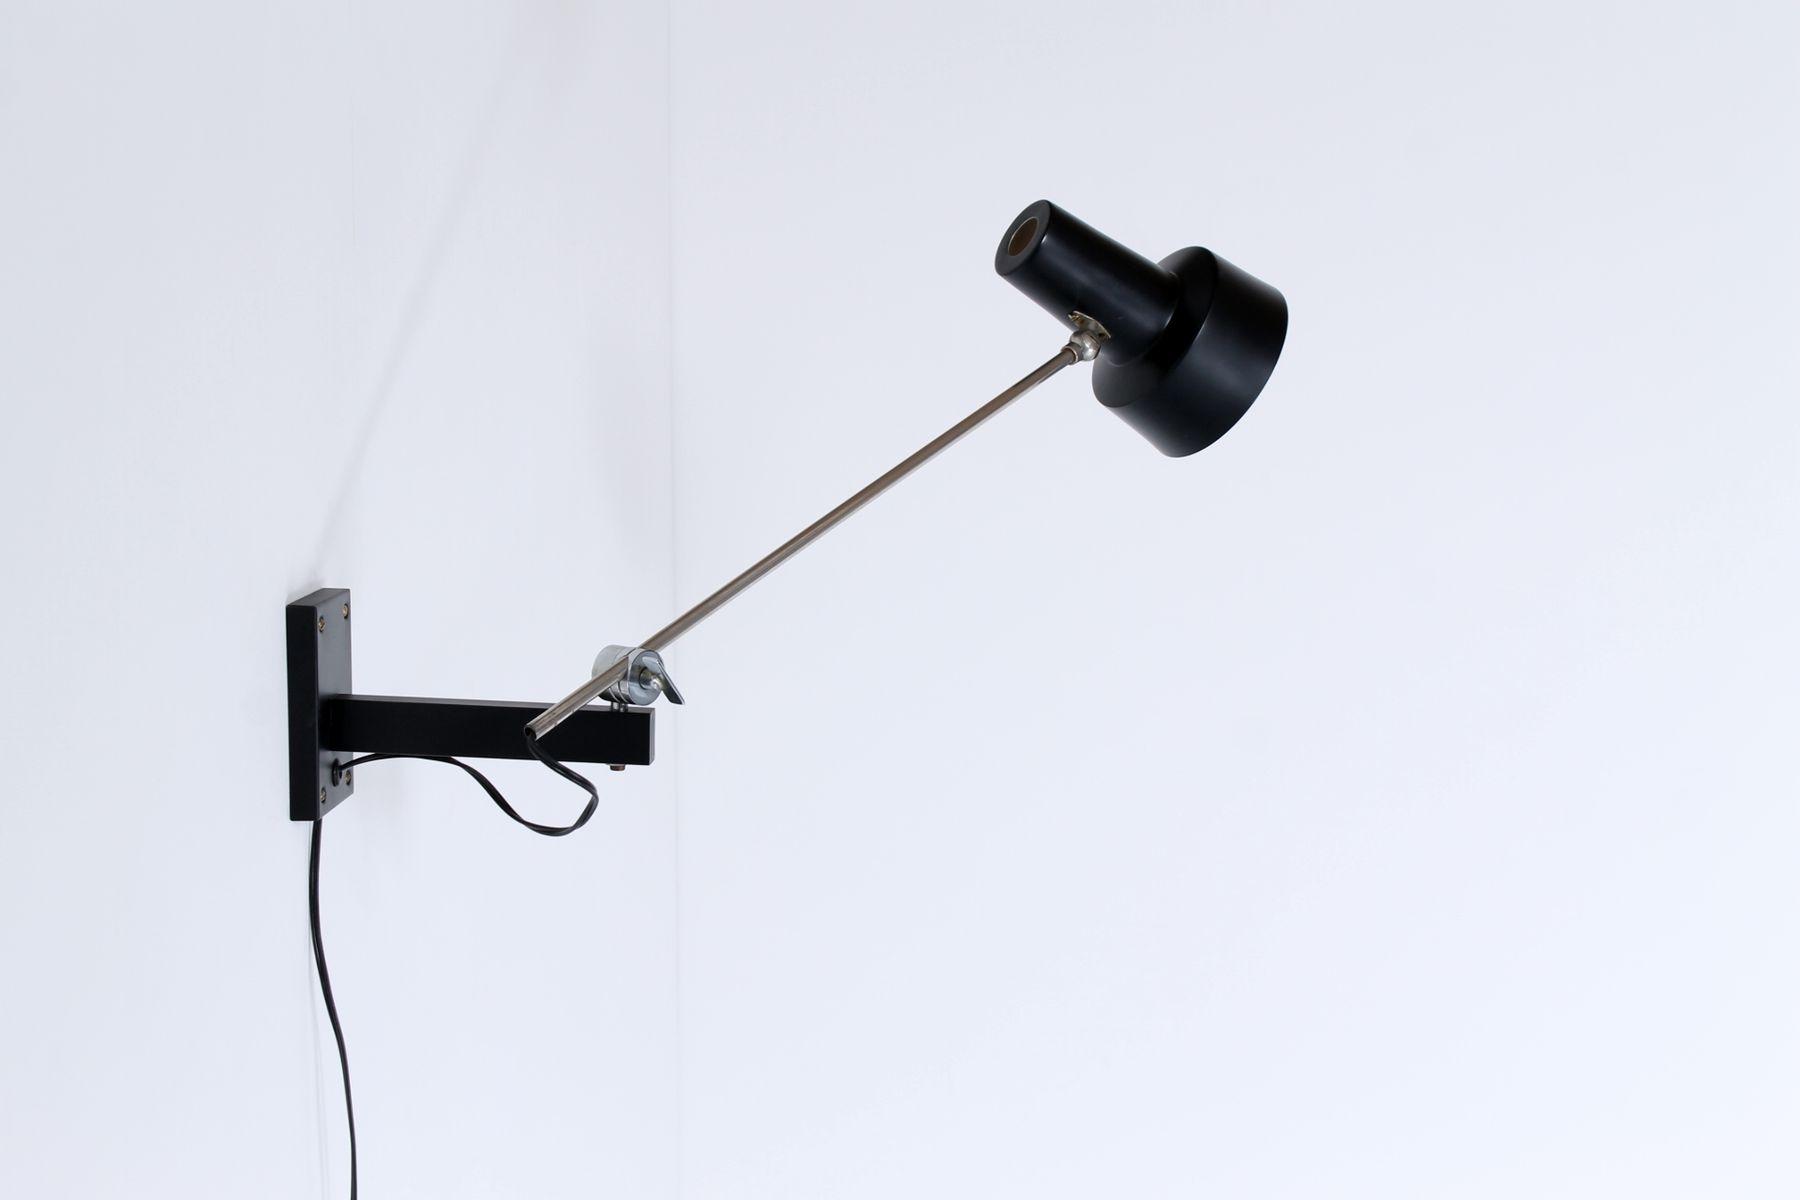 schwarze wandmontierte mid century lampe mit gegengewicht von hagoort bei pamono kaufen. Black Bedroom Furniture Sets. Home Design Ideas